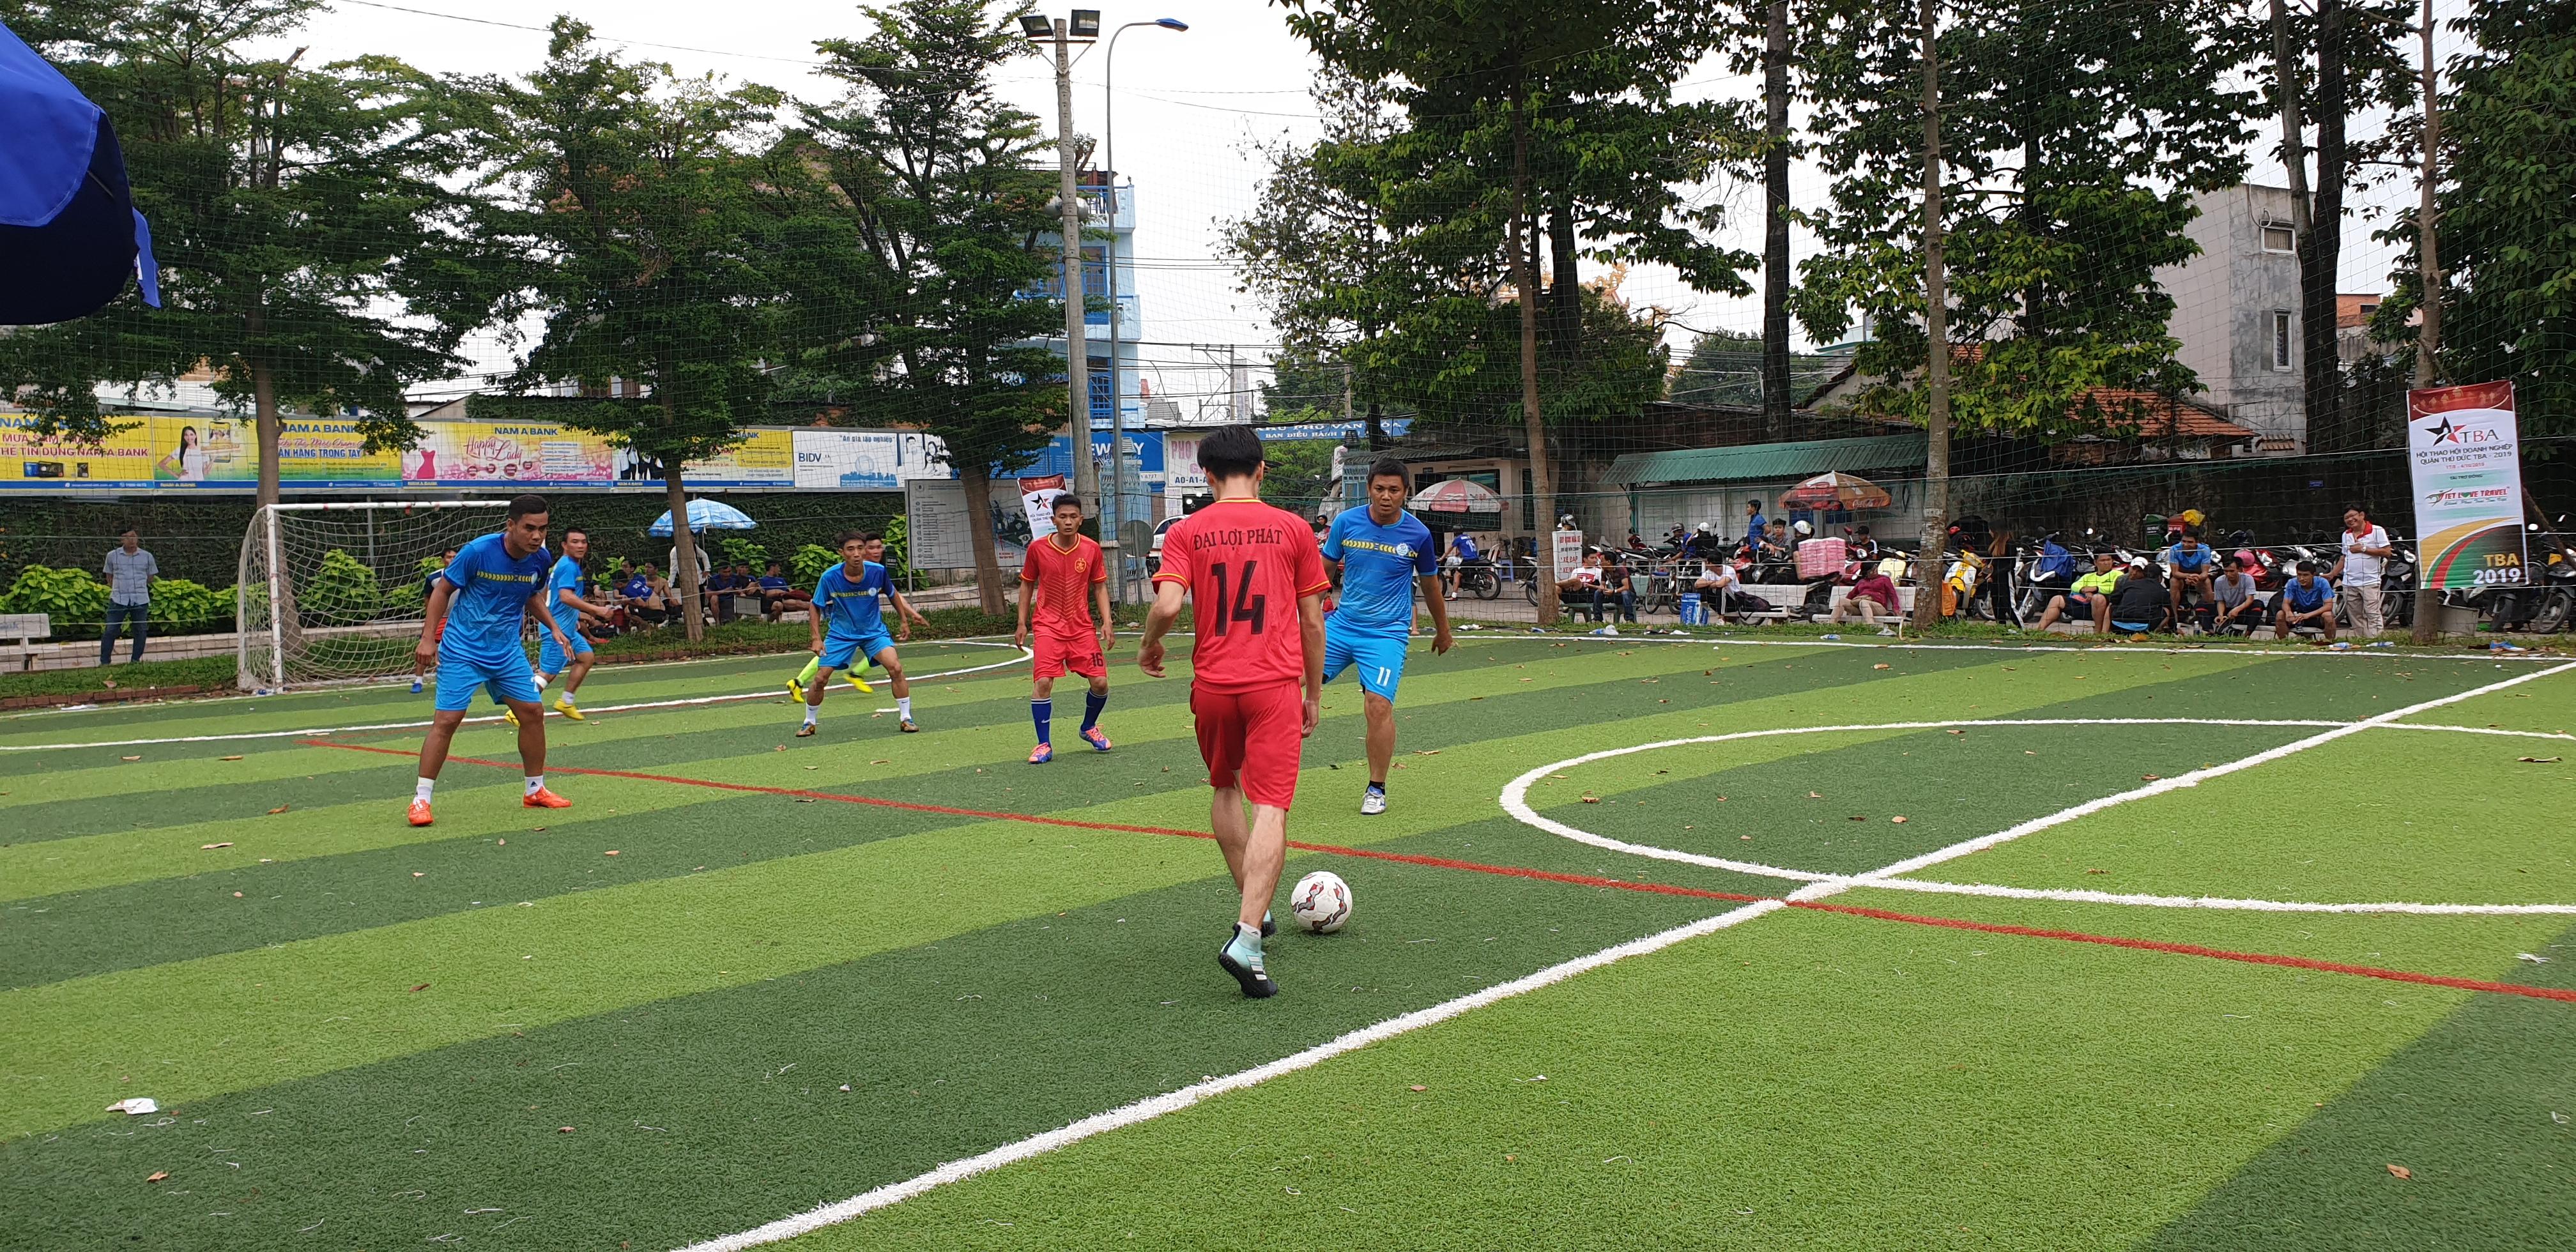 Đại Lợi Phát FC Tham Gia Hội Thao Do Hội Doanh Nghiệp Quận Thủ Đức Tổ Chức